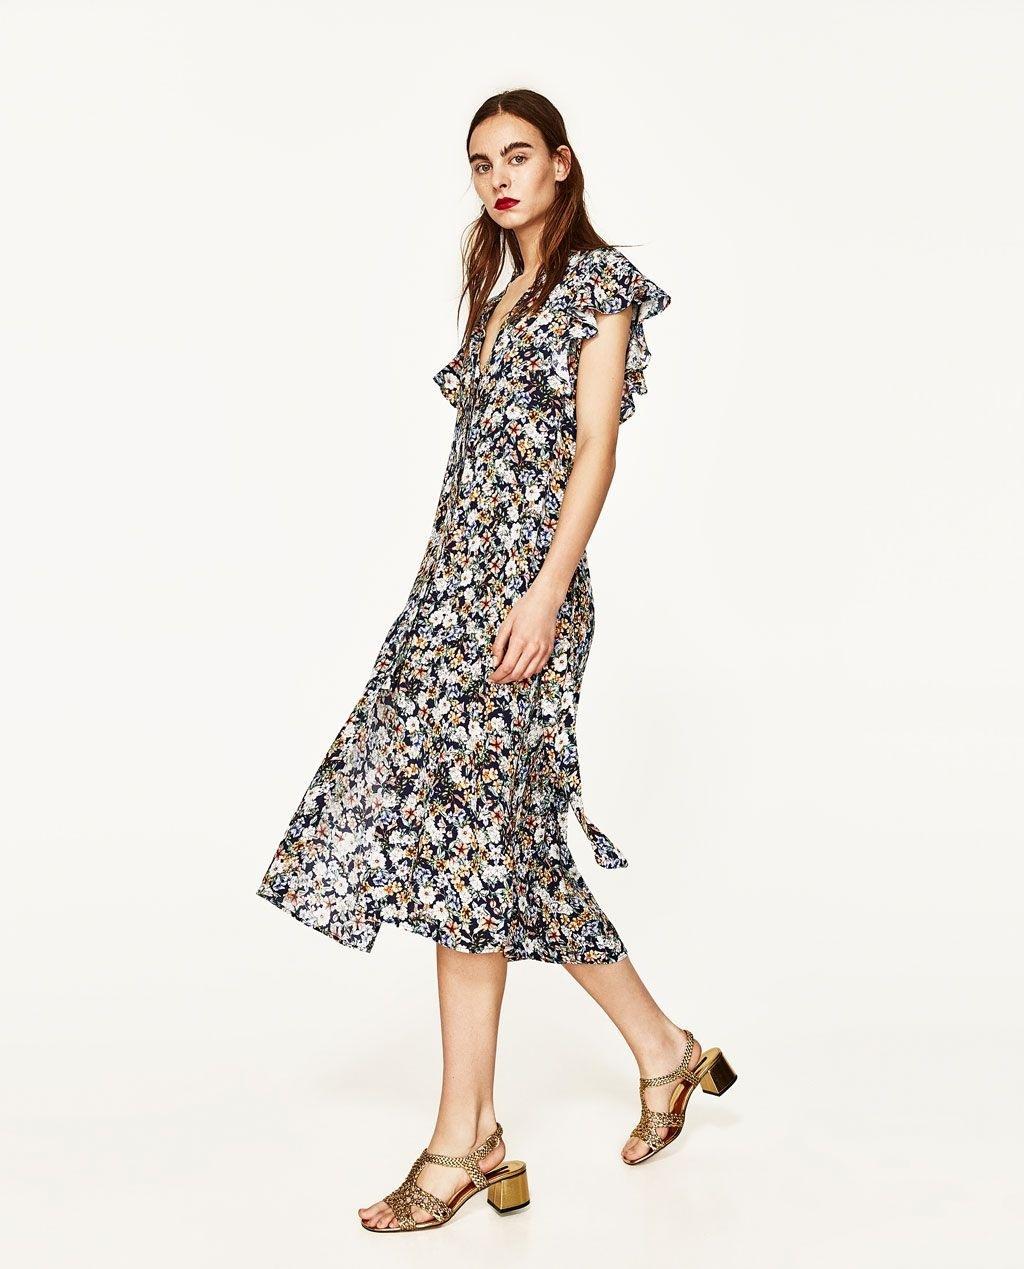 Abend Schön Abend Kleid Midi Boutique20 Schön Abend Kleid Midi Vertrieb